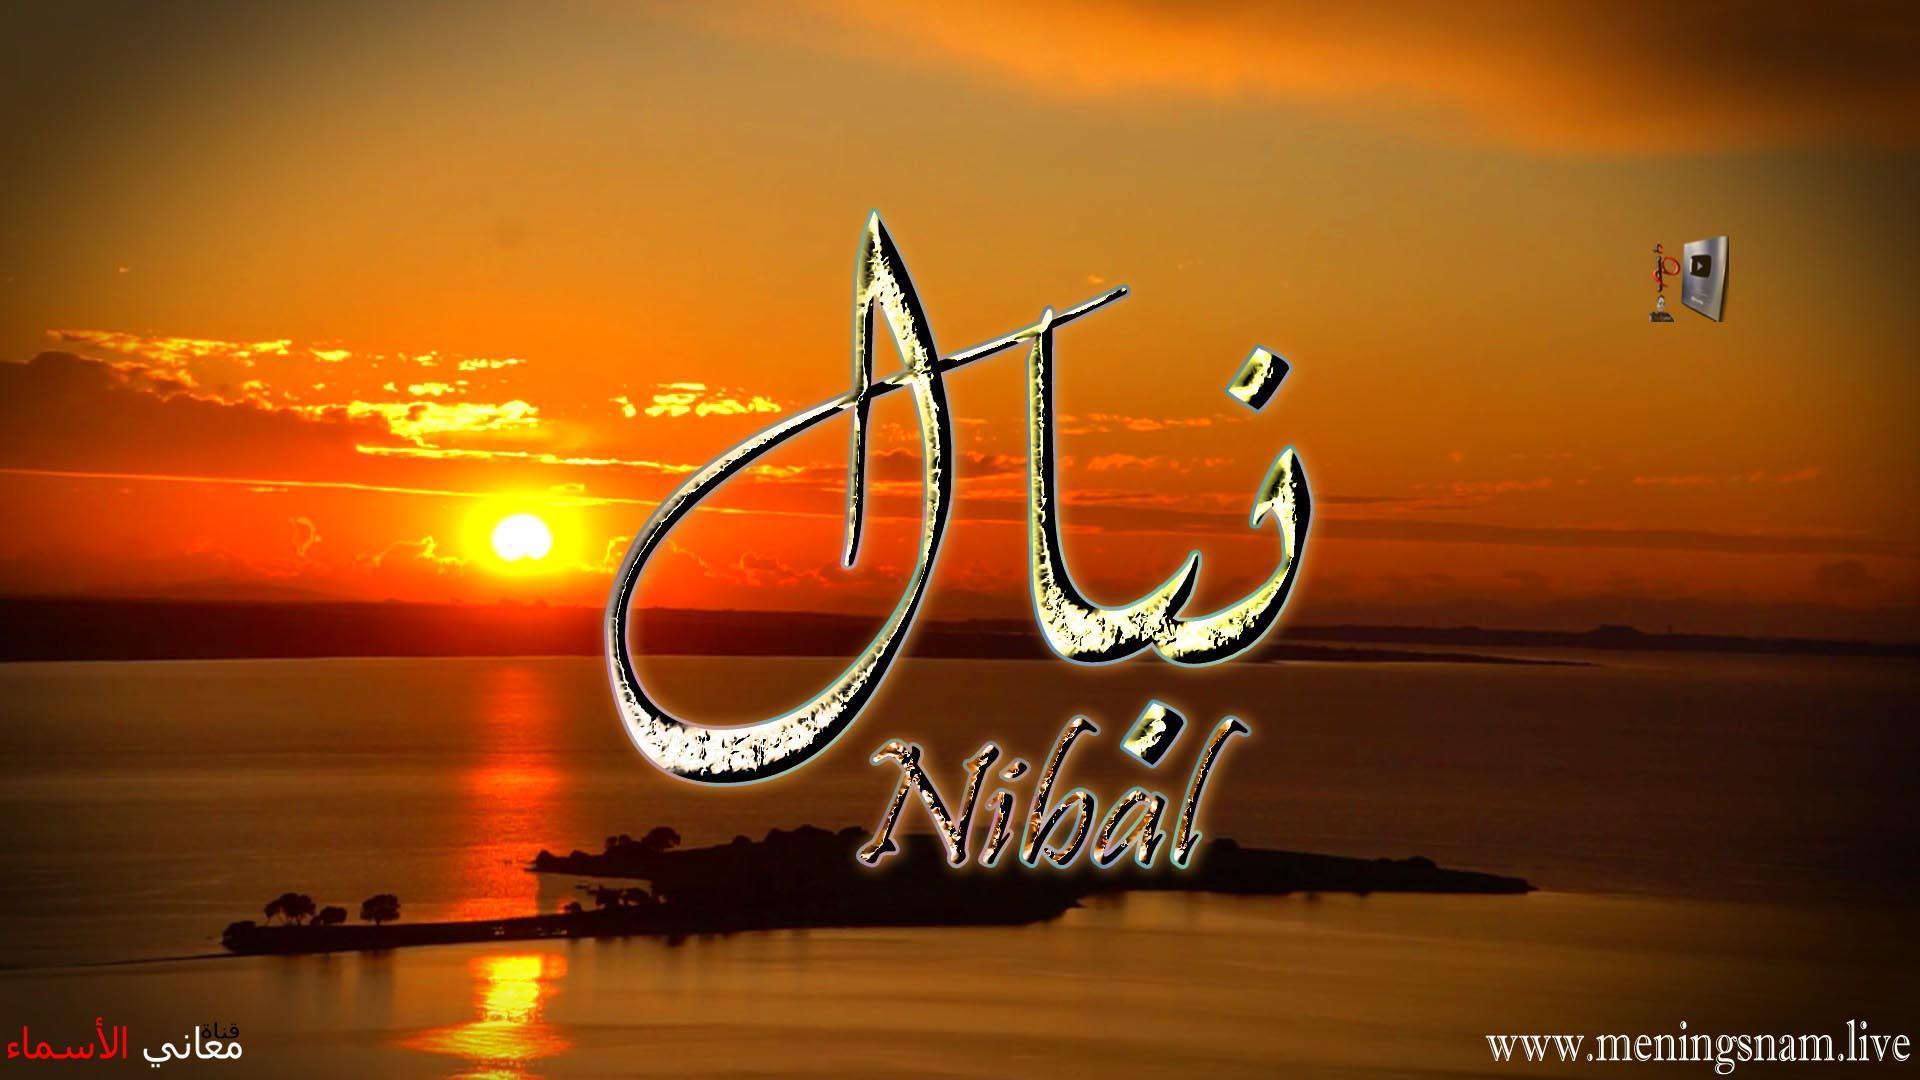 معنى اسم نبال وصفات حاملة و حامل هذا الاسم Nibal